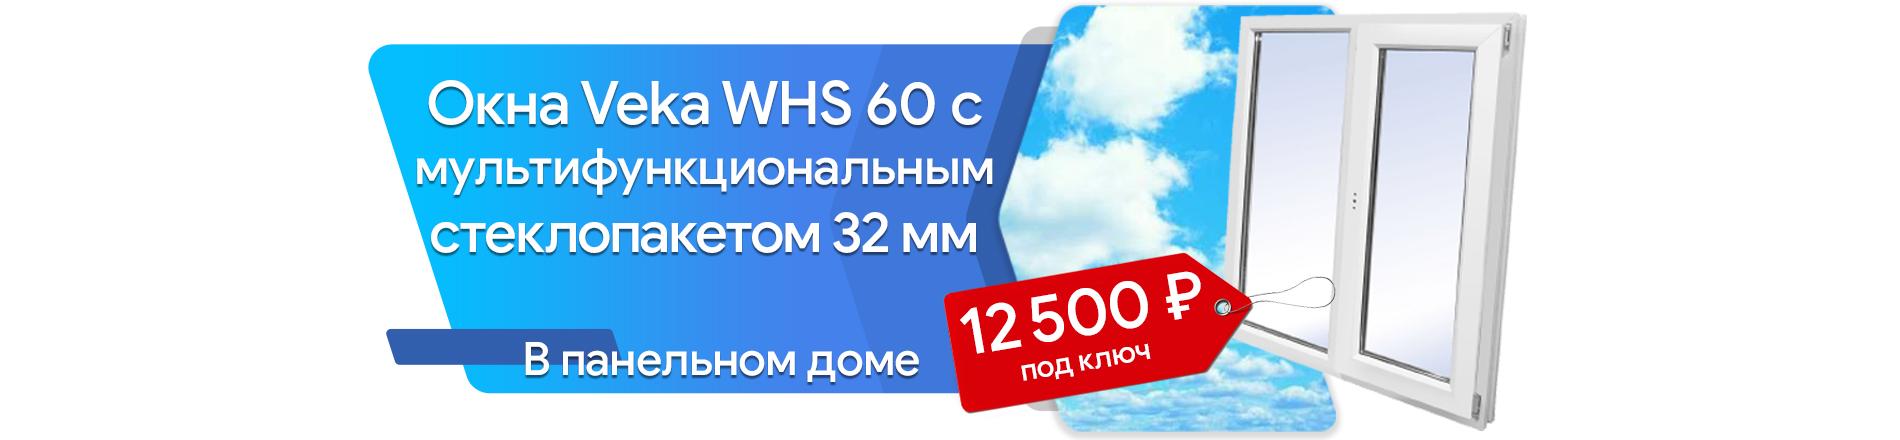 1900kh440 okna VEKA 1 - Акция на окна Veka